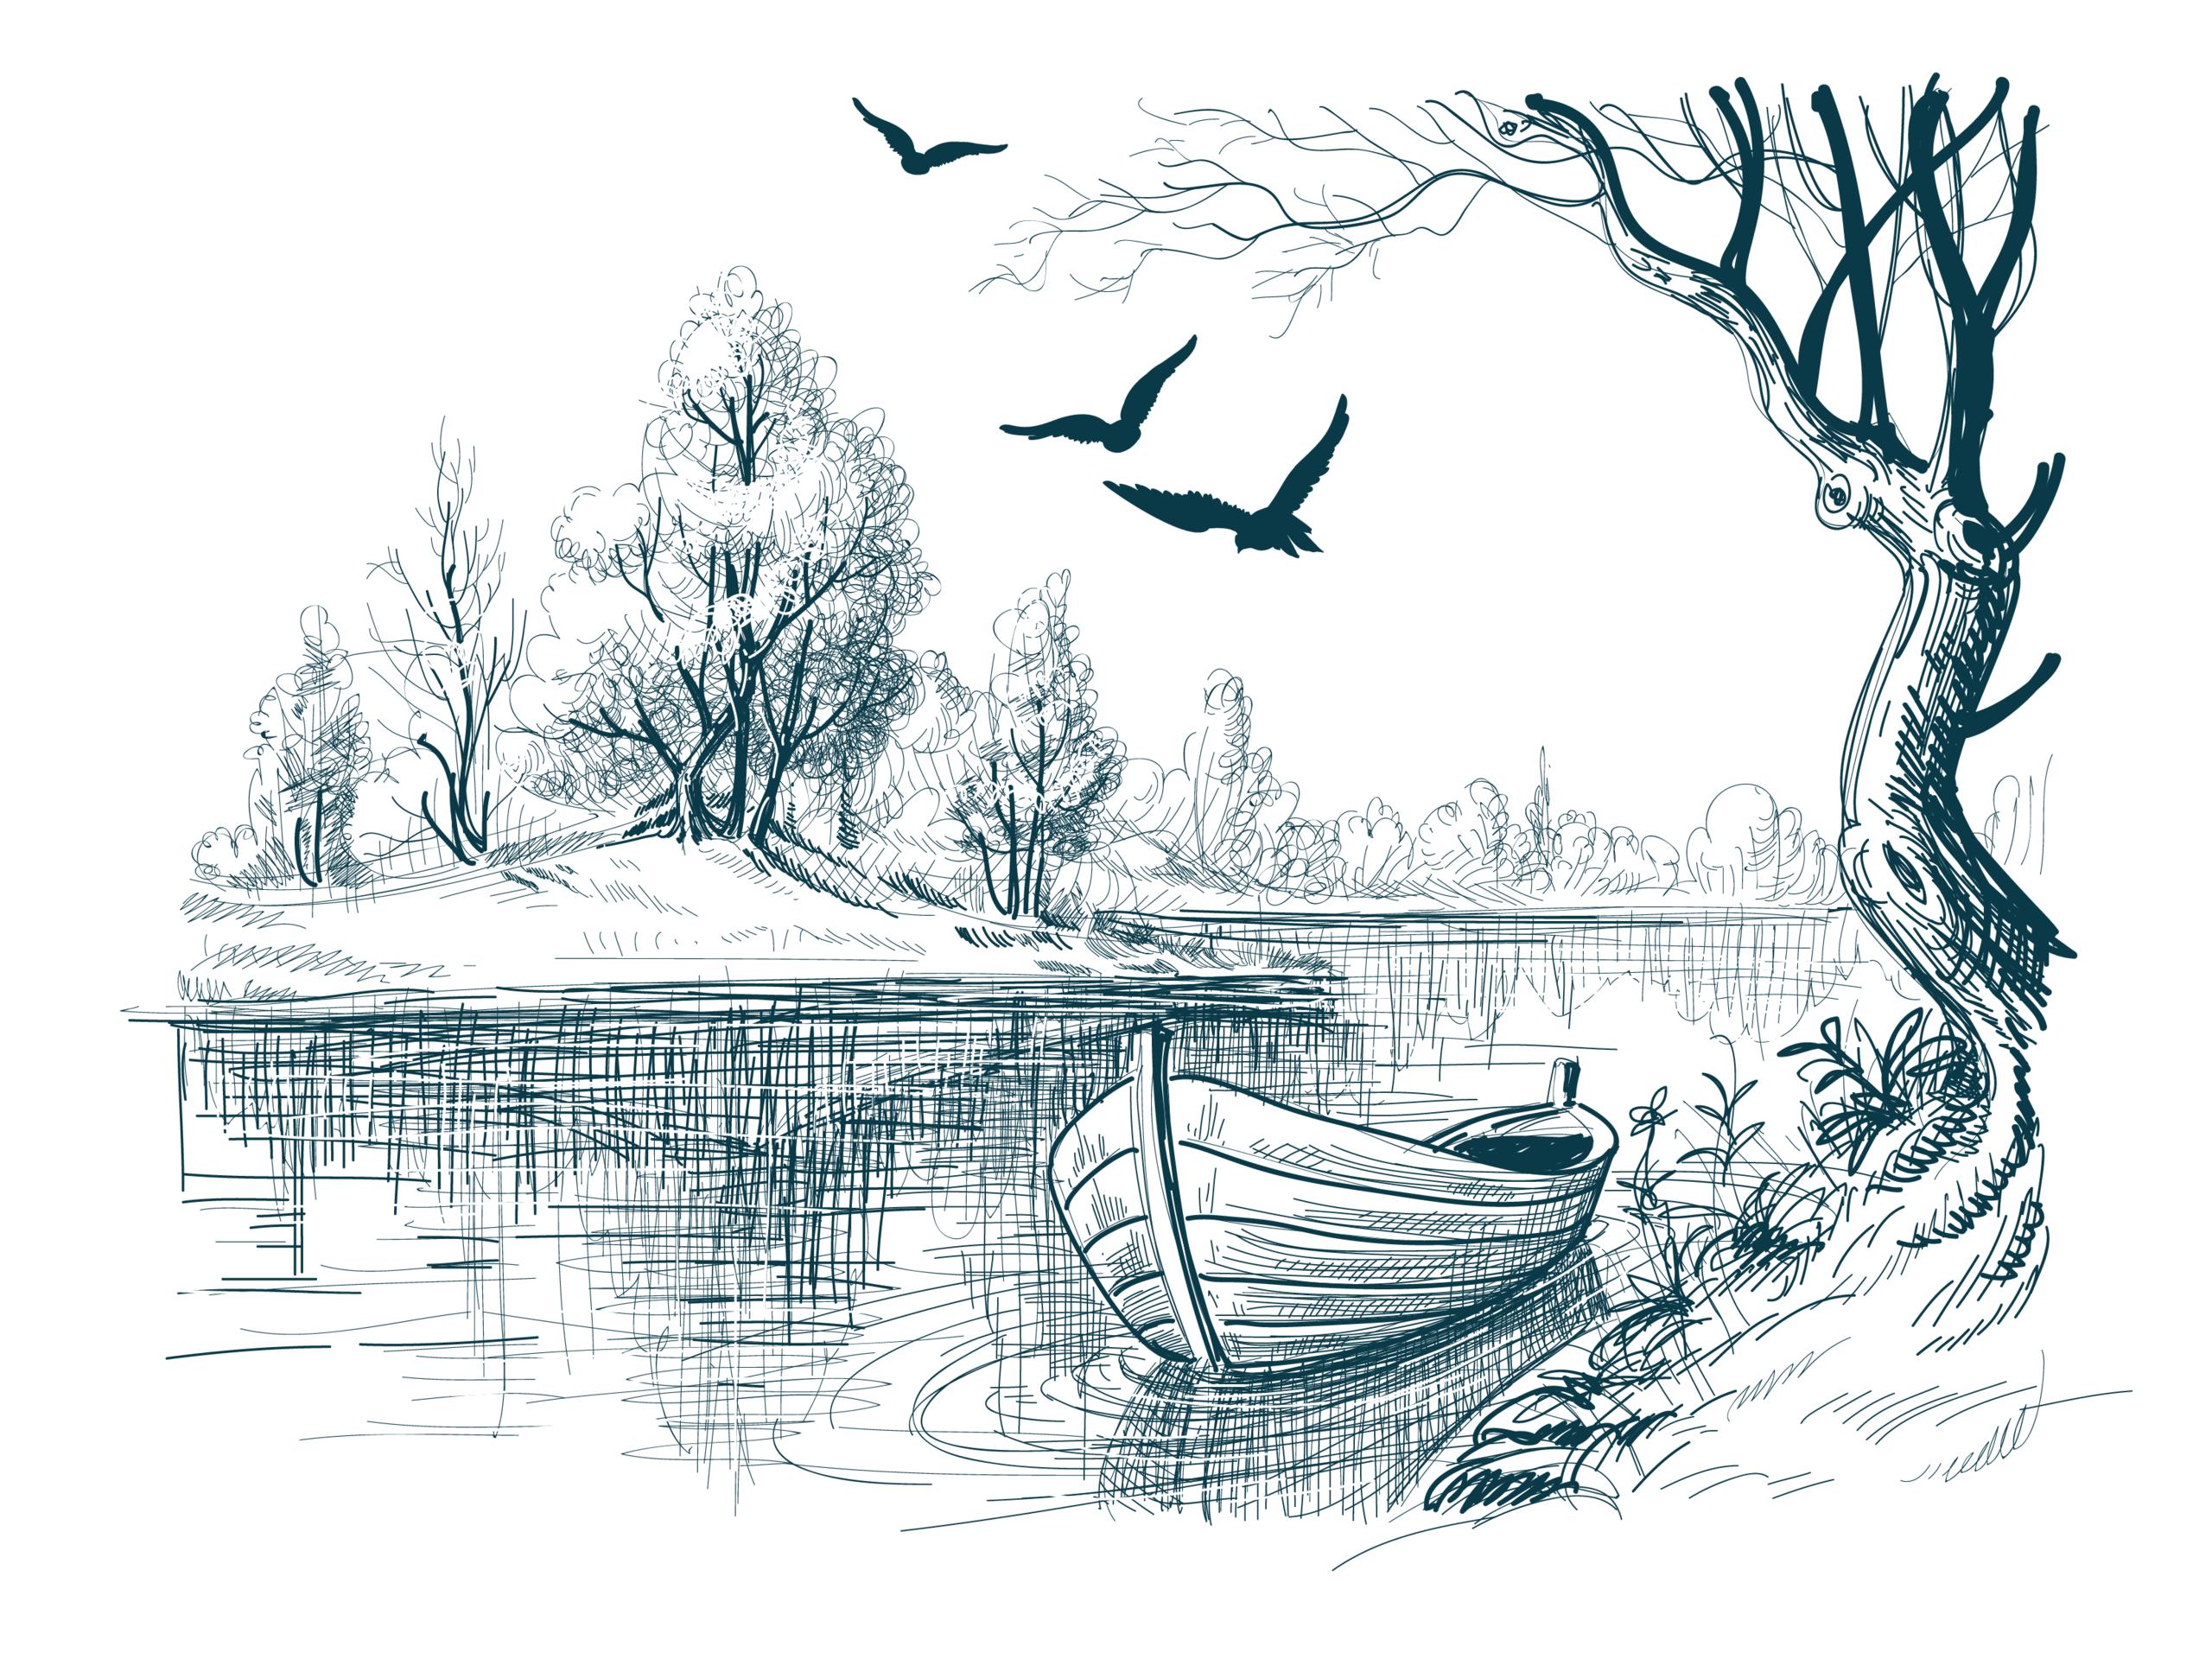 Göl ve Tekne vektörel çizim